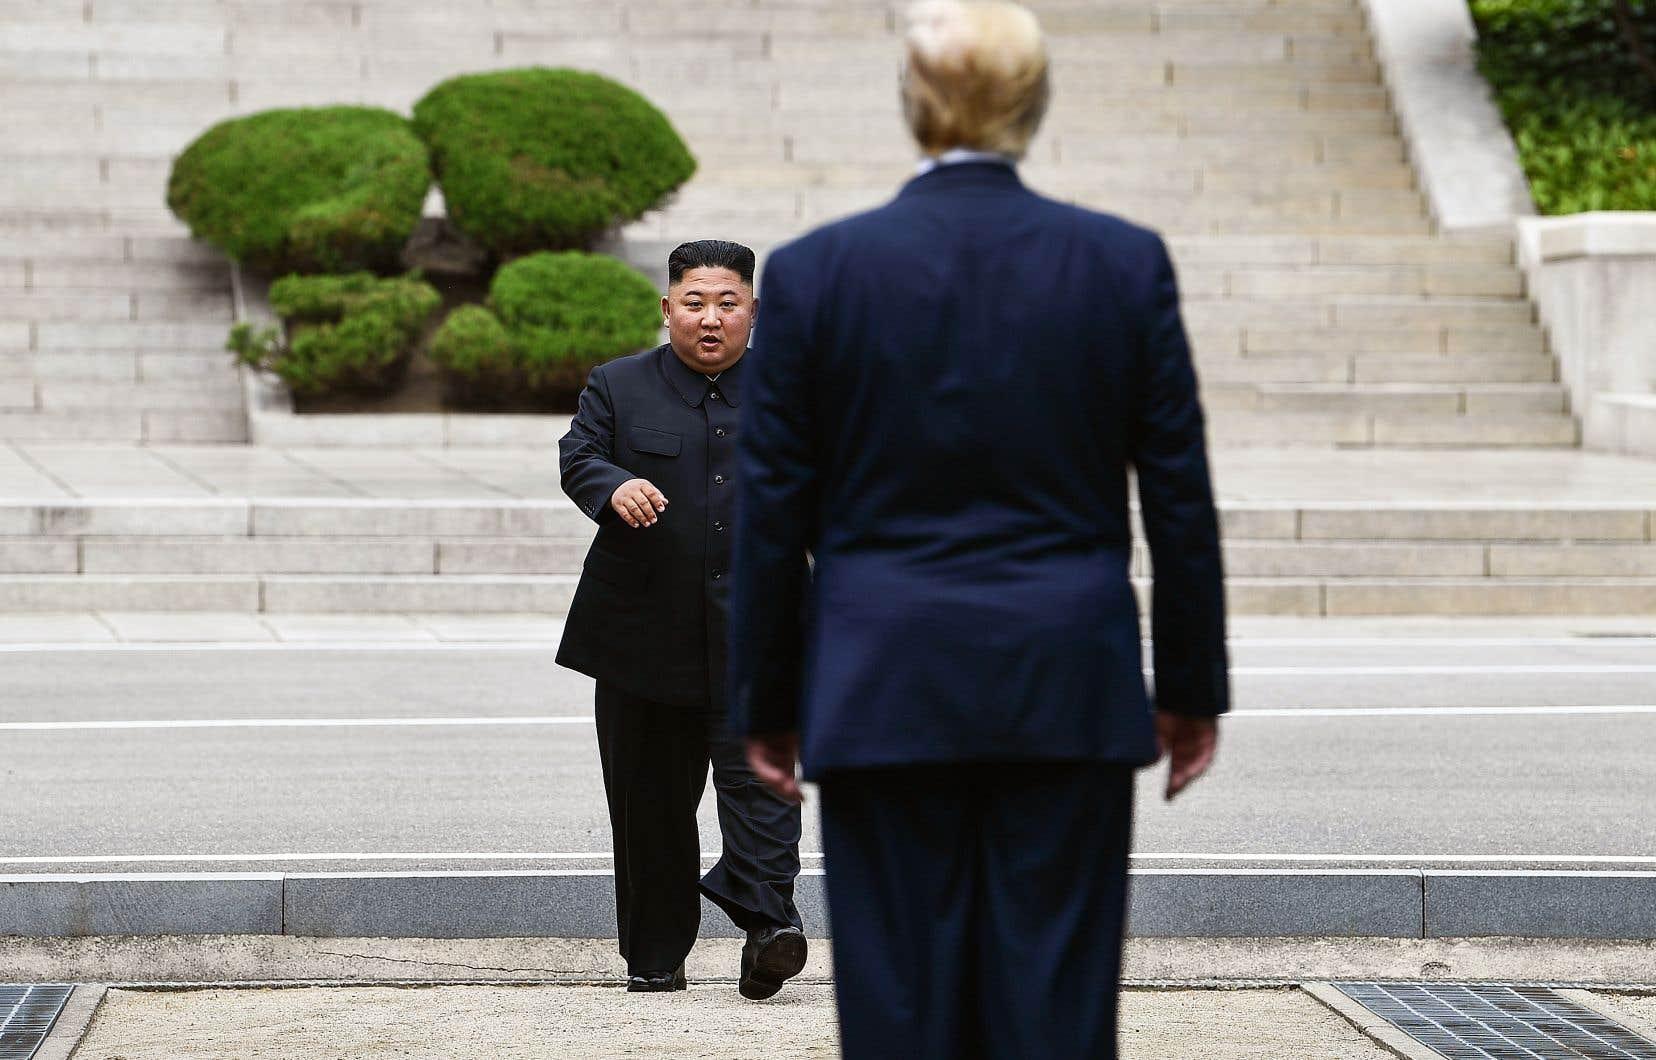 Le président américain croit que le dirigeant nord-coréen aurait «trop à perdre» s'il agissait de façon hostile.